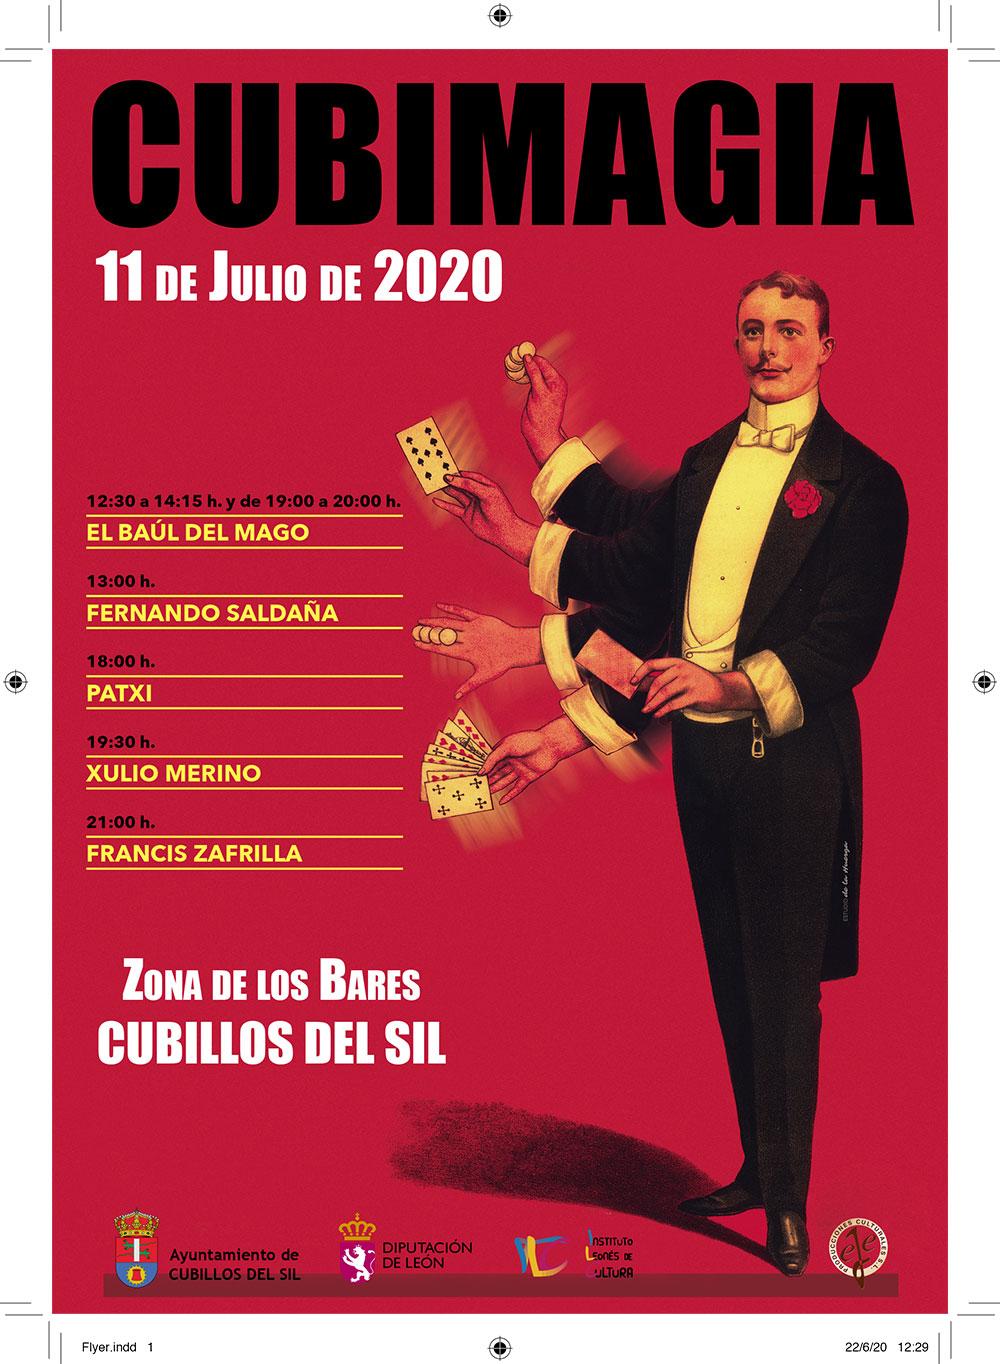 Cubillos del Sil llenará de magia el verano con Cubimagia 2020 2